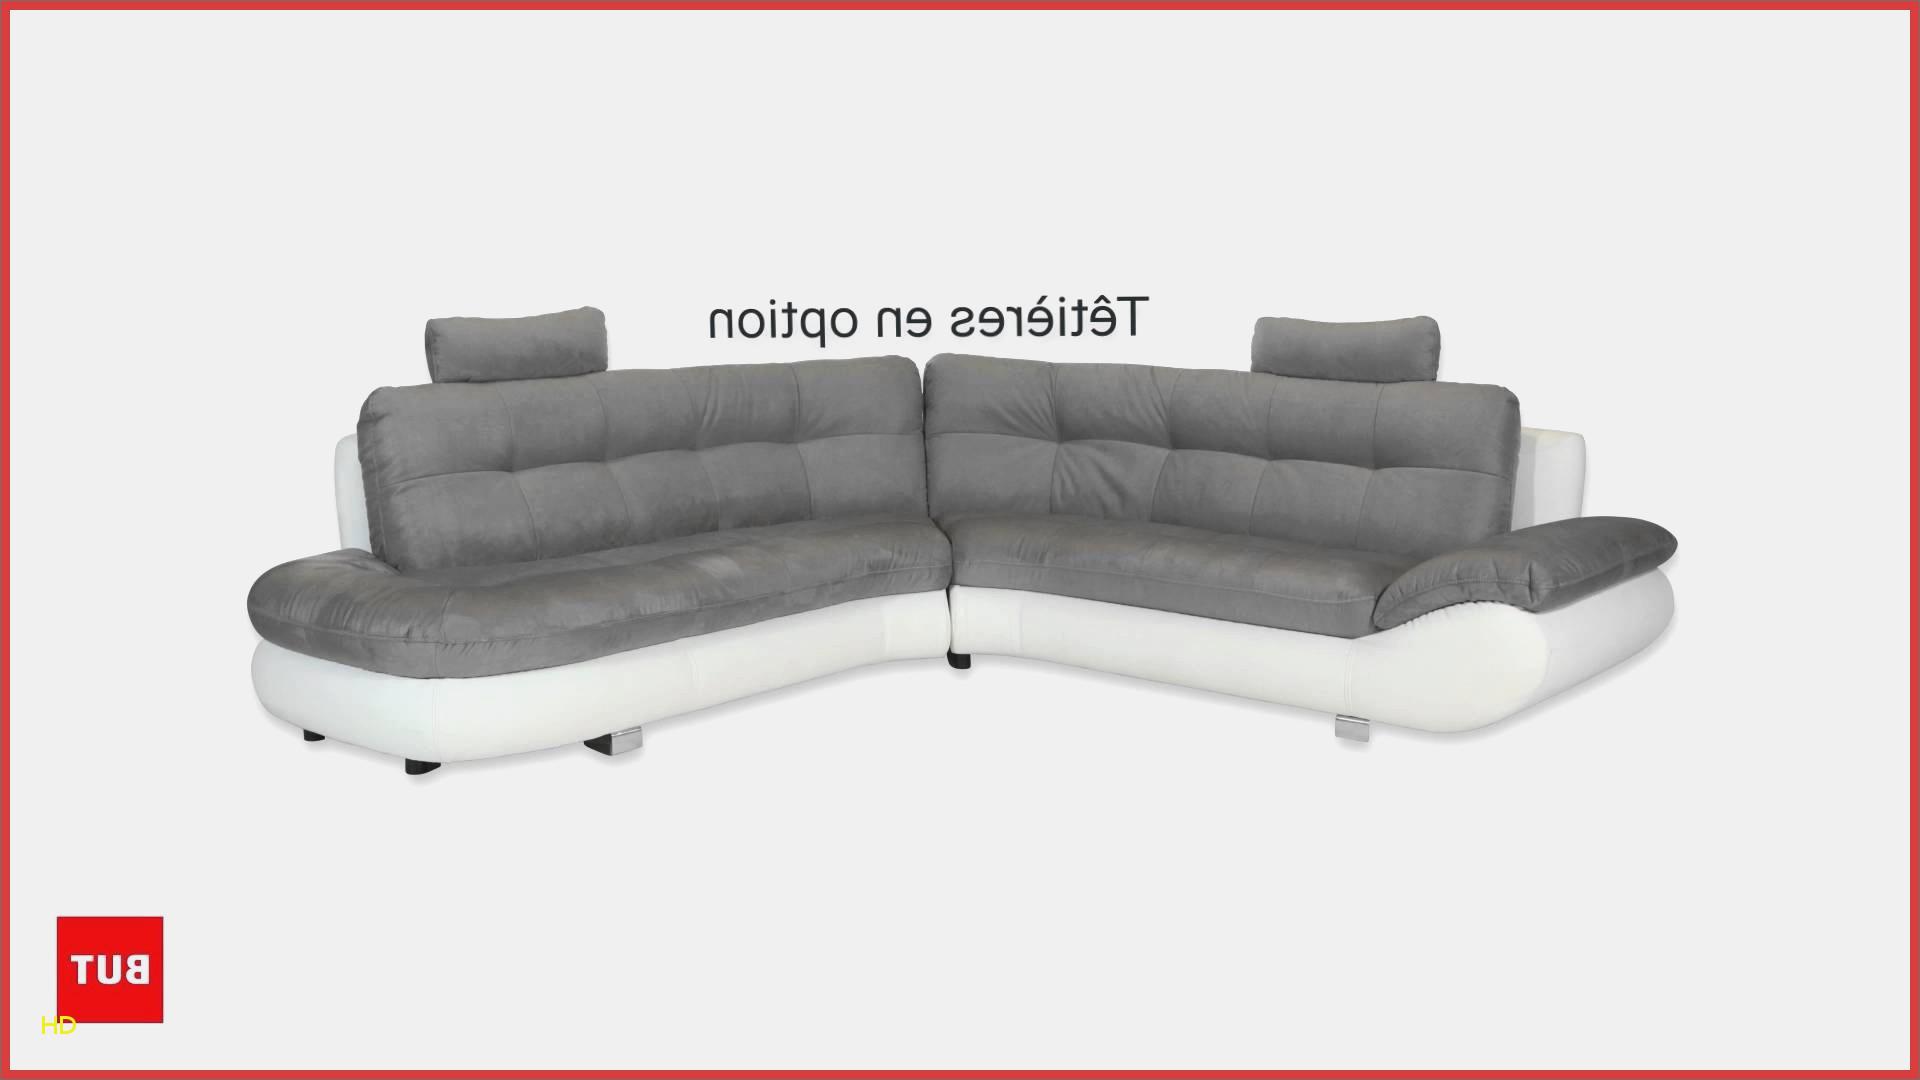 Canapé Nolan but Nouveau Photographie Unique Canapé Futon Ikea